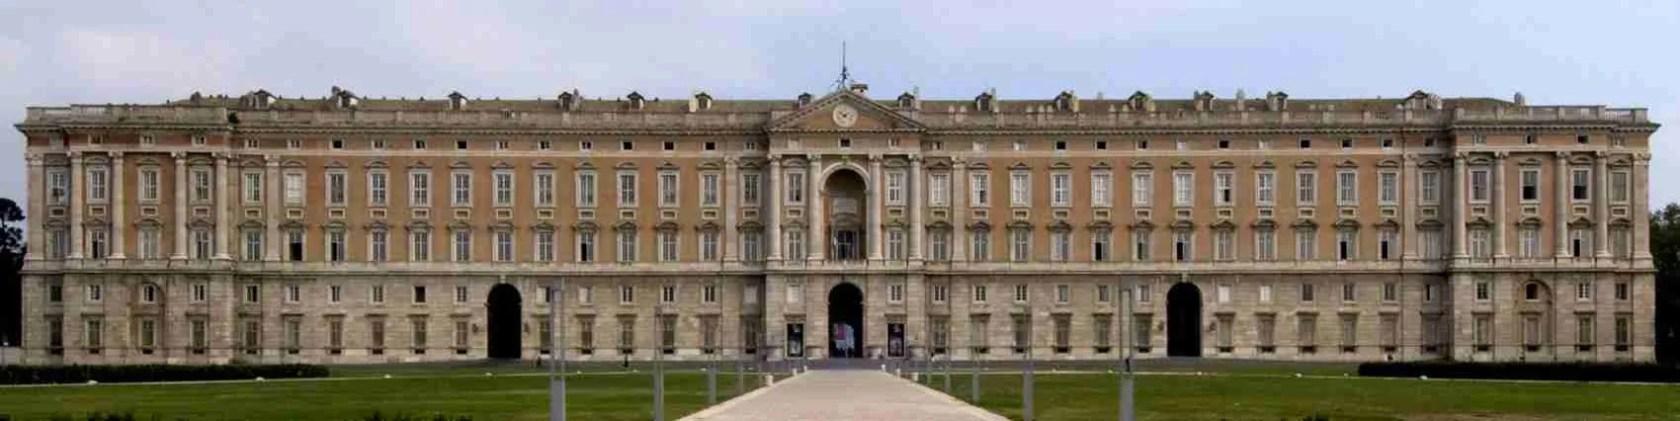 Una visita alla Reggia di Caserta in compagnia di una escort Caserta è una tappa obbligata.